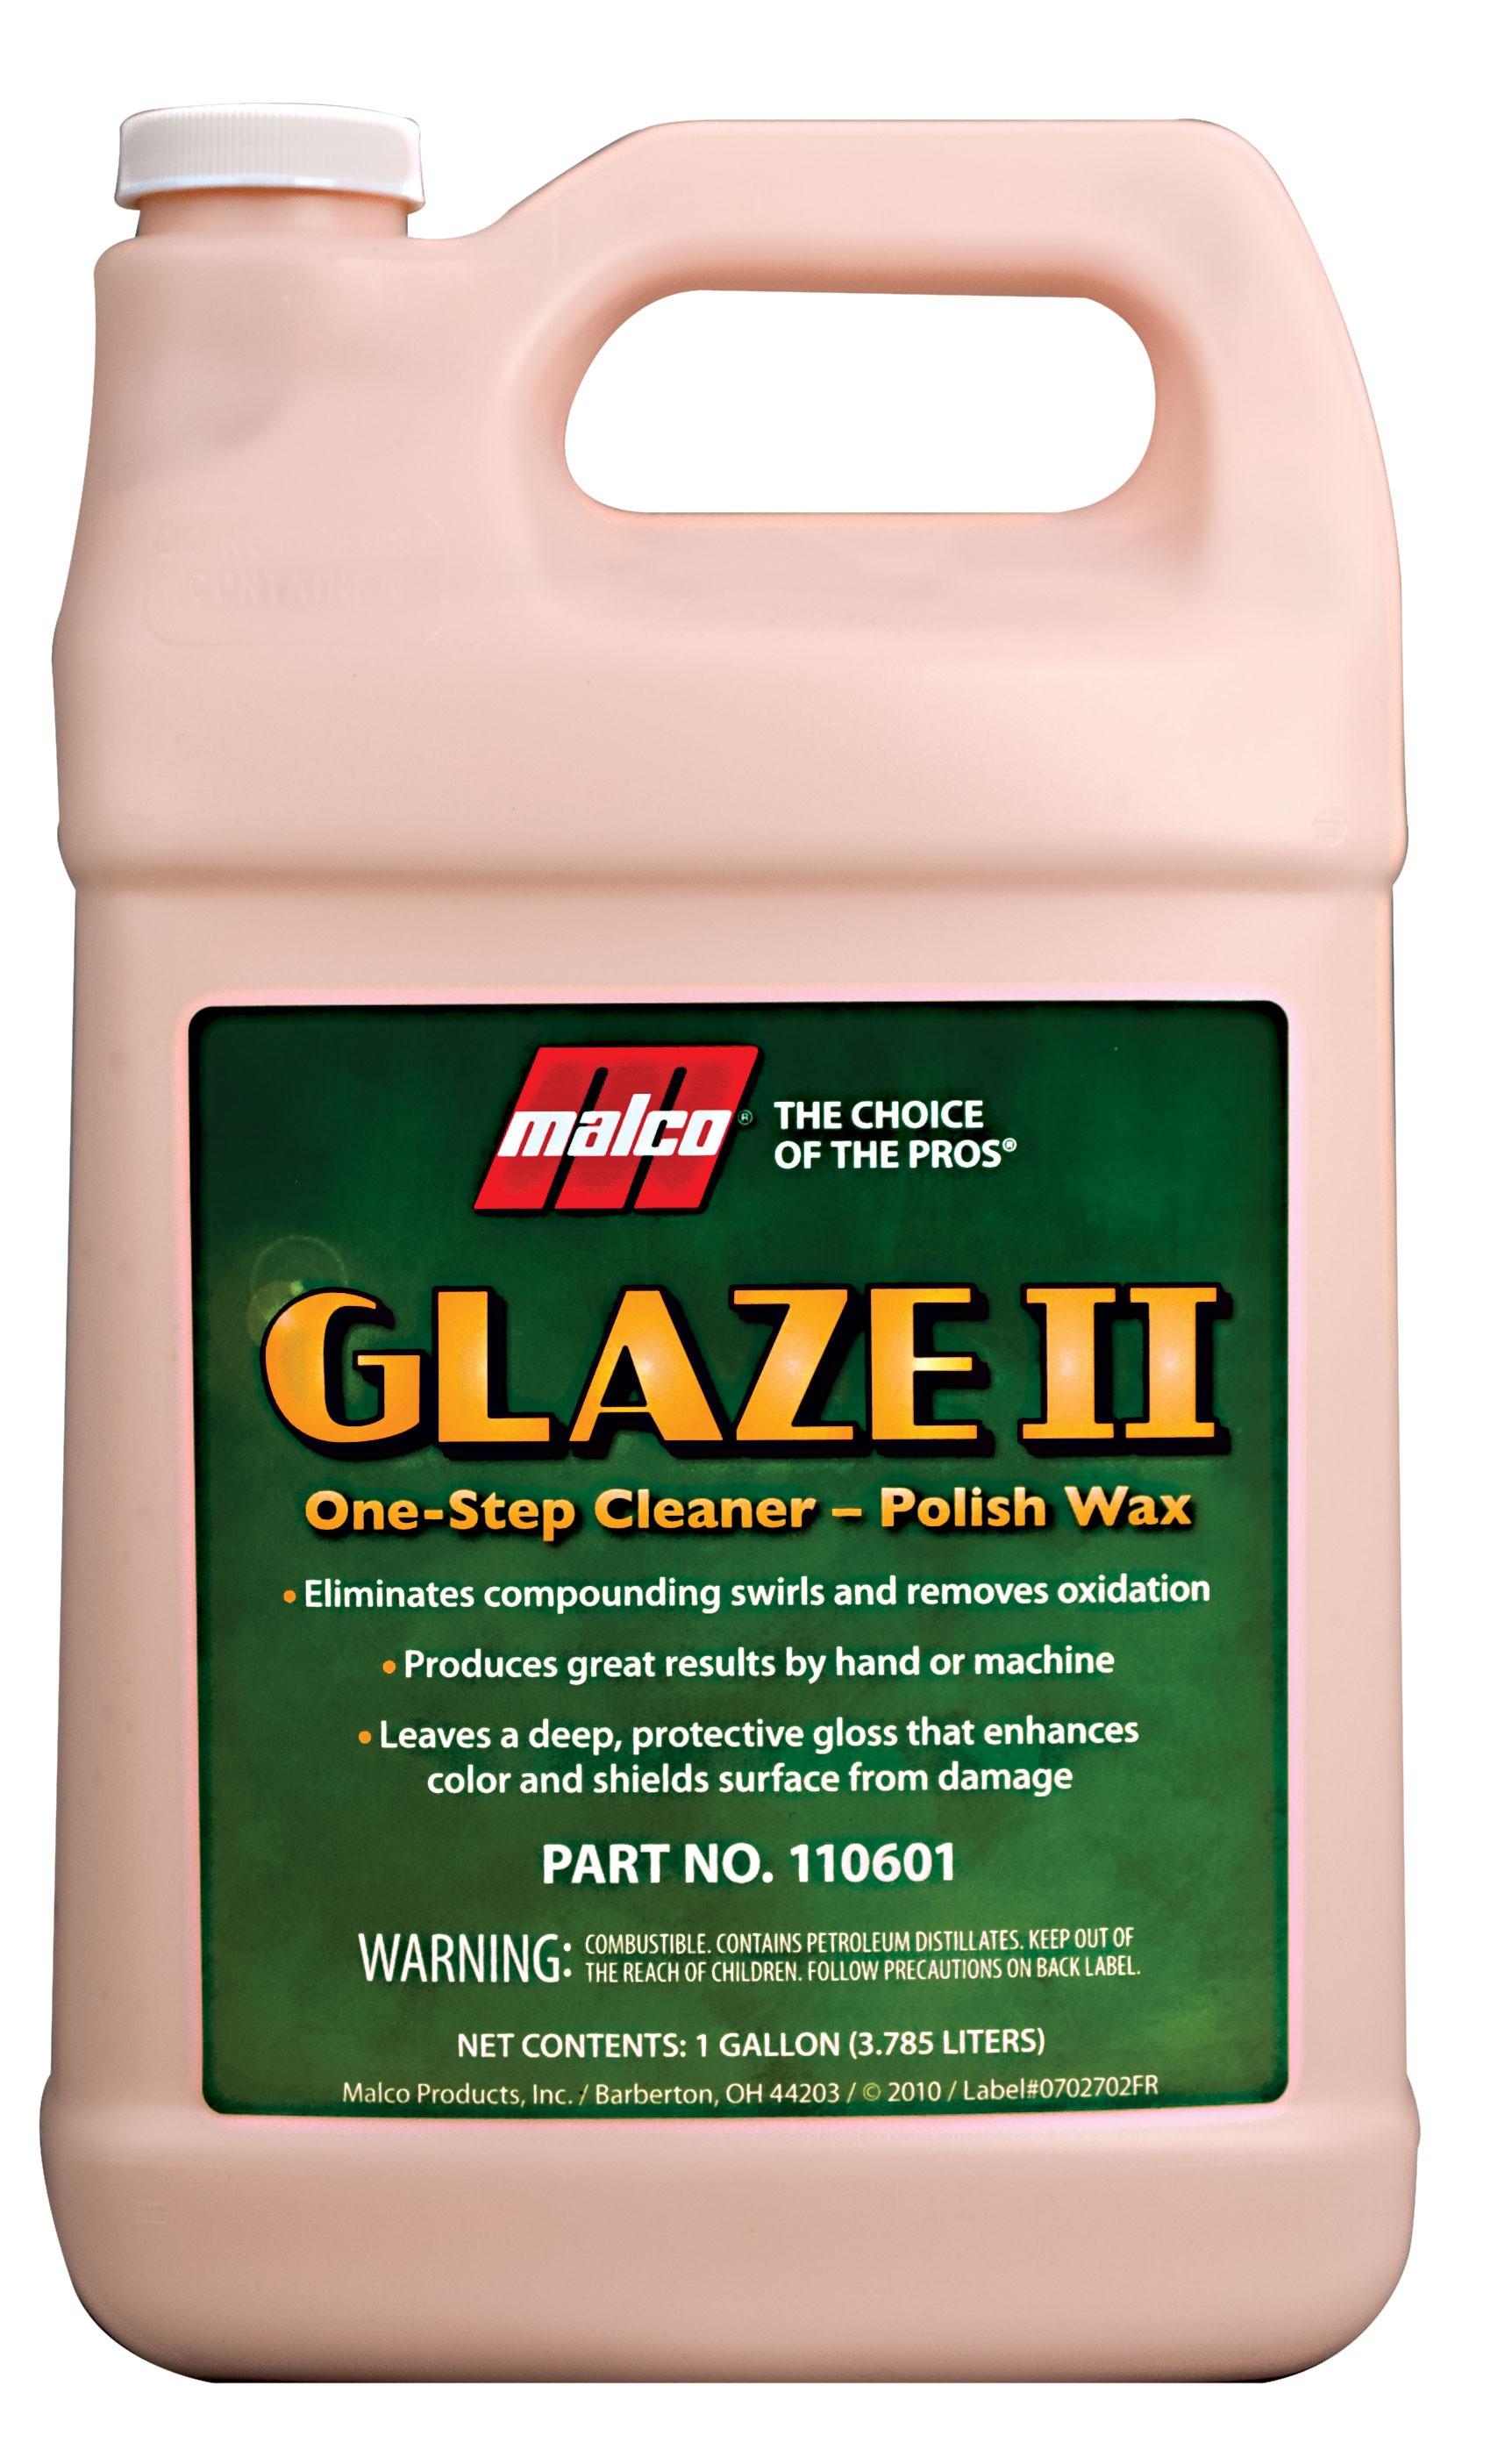 Glaze II - One-Step Cleaner-Polish Wax (1Gal)